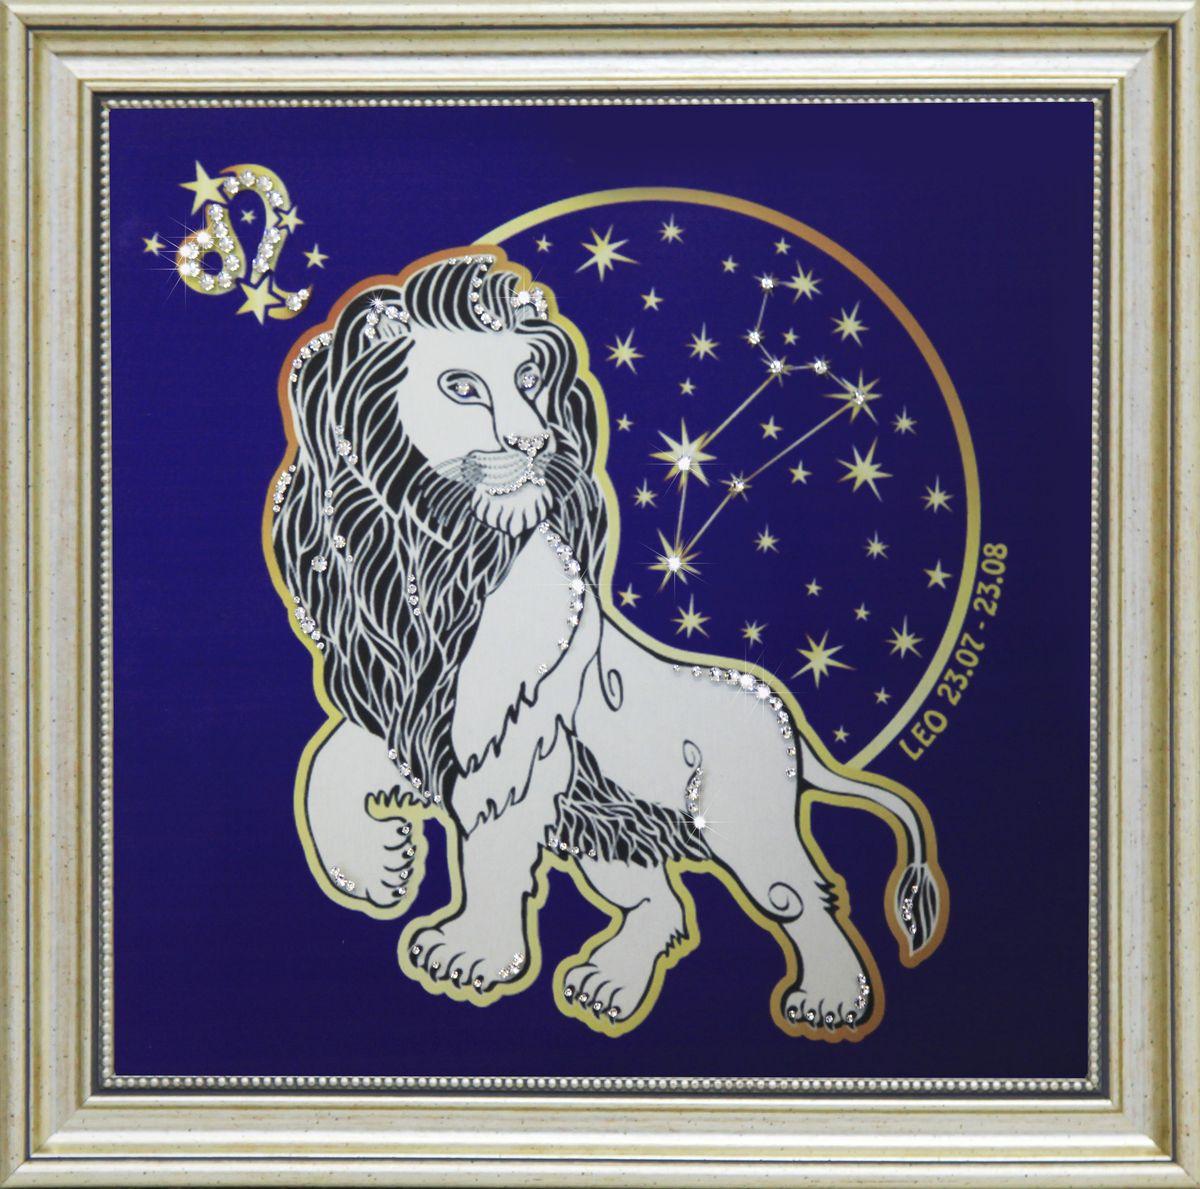 1737 Картина Сваровски Звездный Лев1737Картина в багете, инкрустированная кристалами сваровски